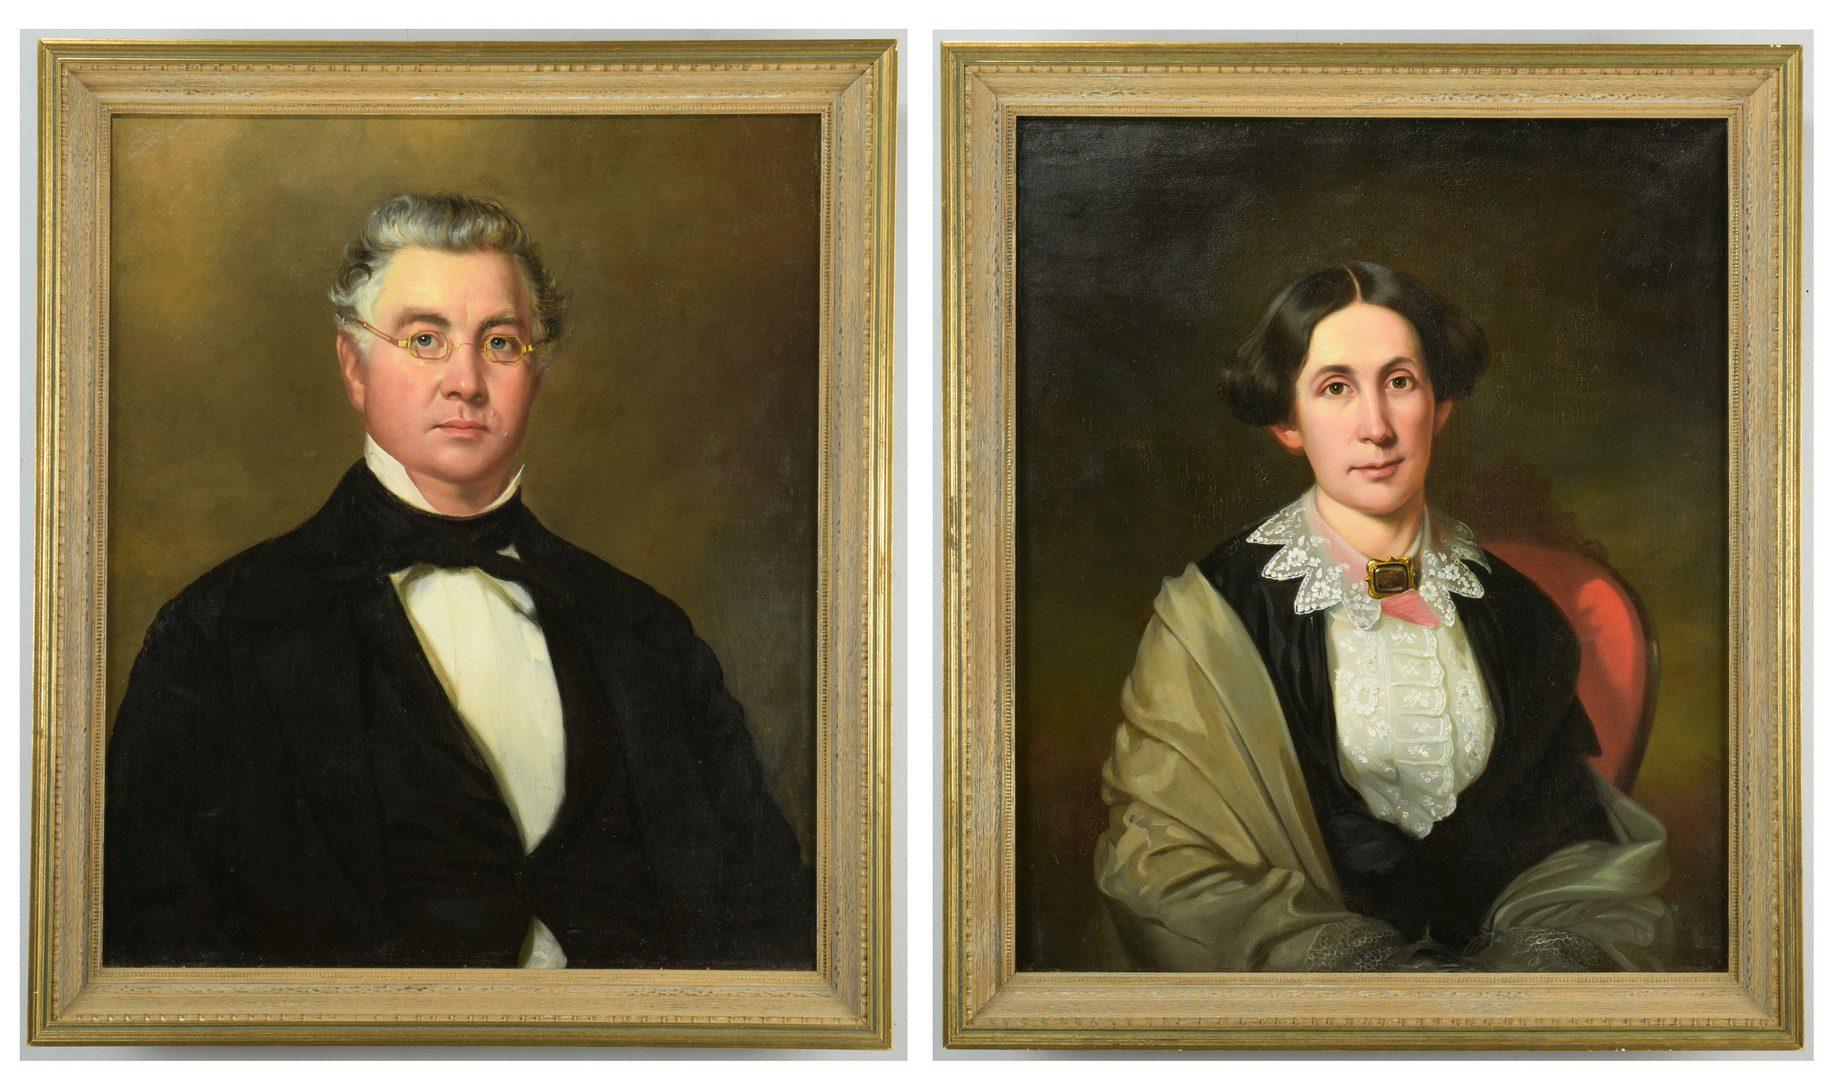 Lot 179: Attr. J. Hart, Portraits of Memphis Couple